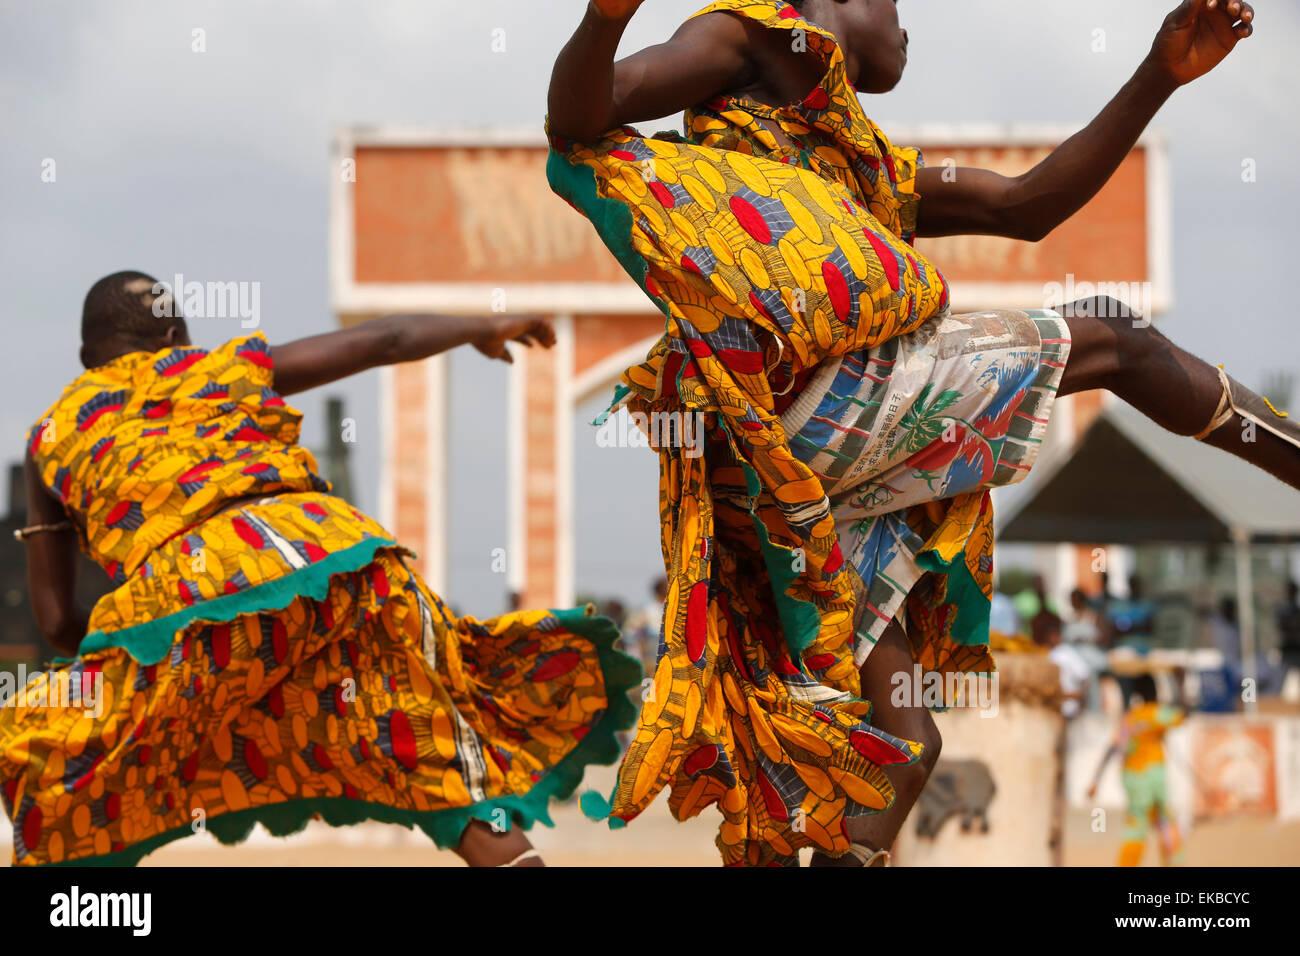 Anhänger der Sag Bata der Voodoo-Gott von Tod, Krankheit und Seuchen, tanzen auf dem Ouidah Voodoo-Festival, Stockbild